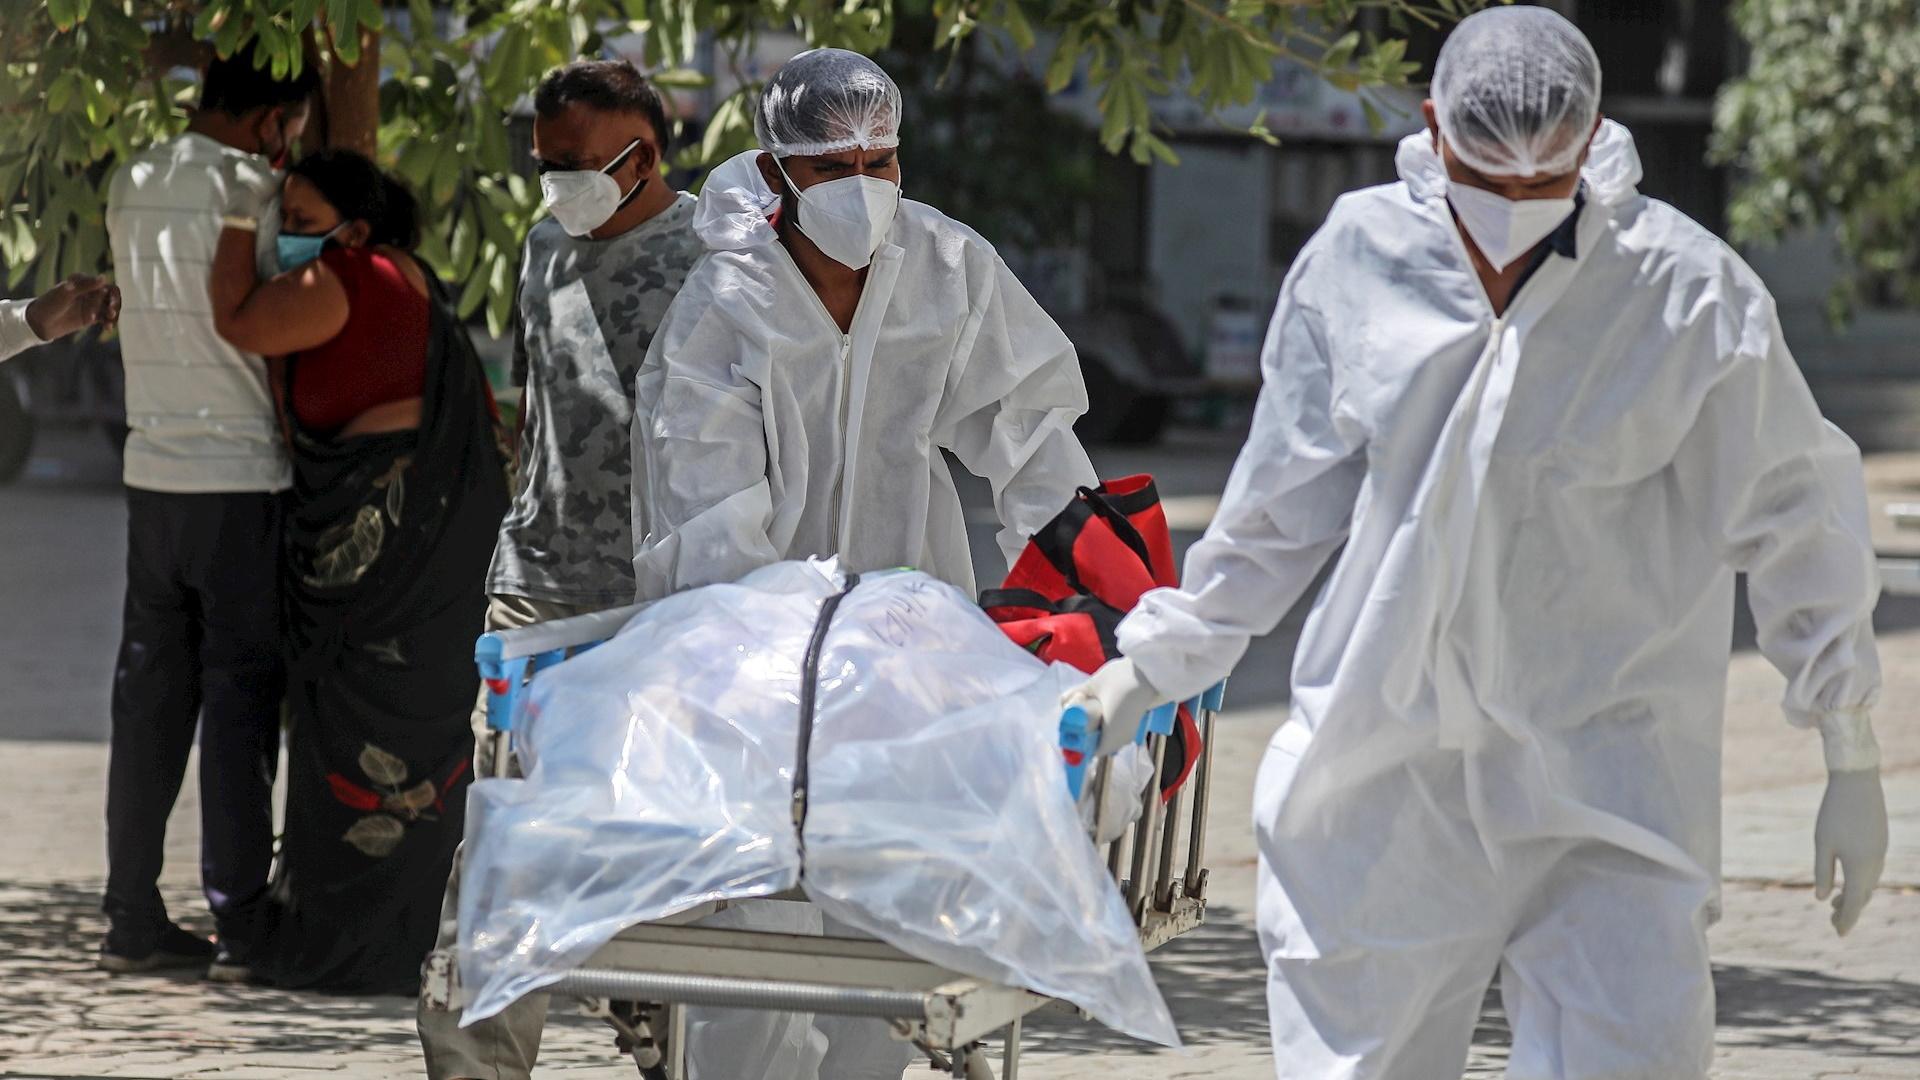 Suiza y OMS crearán depósito mundial de coronavirus para su estudio